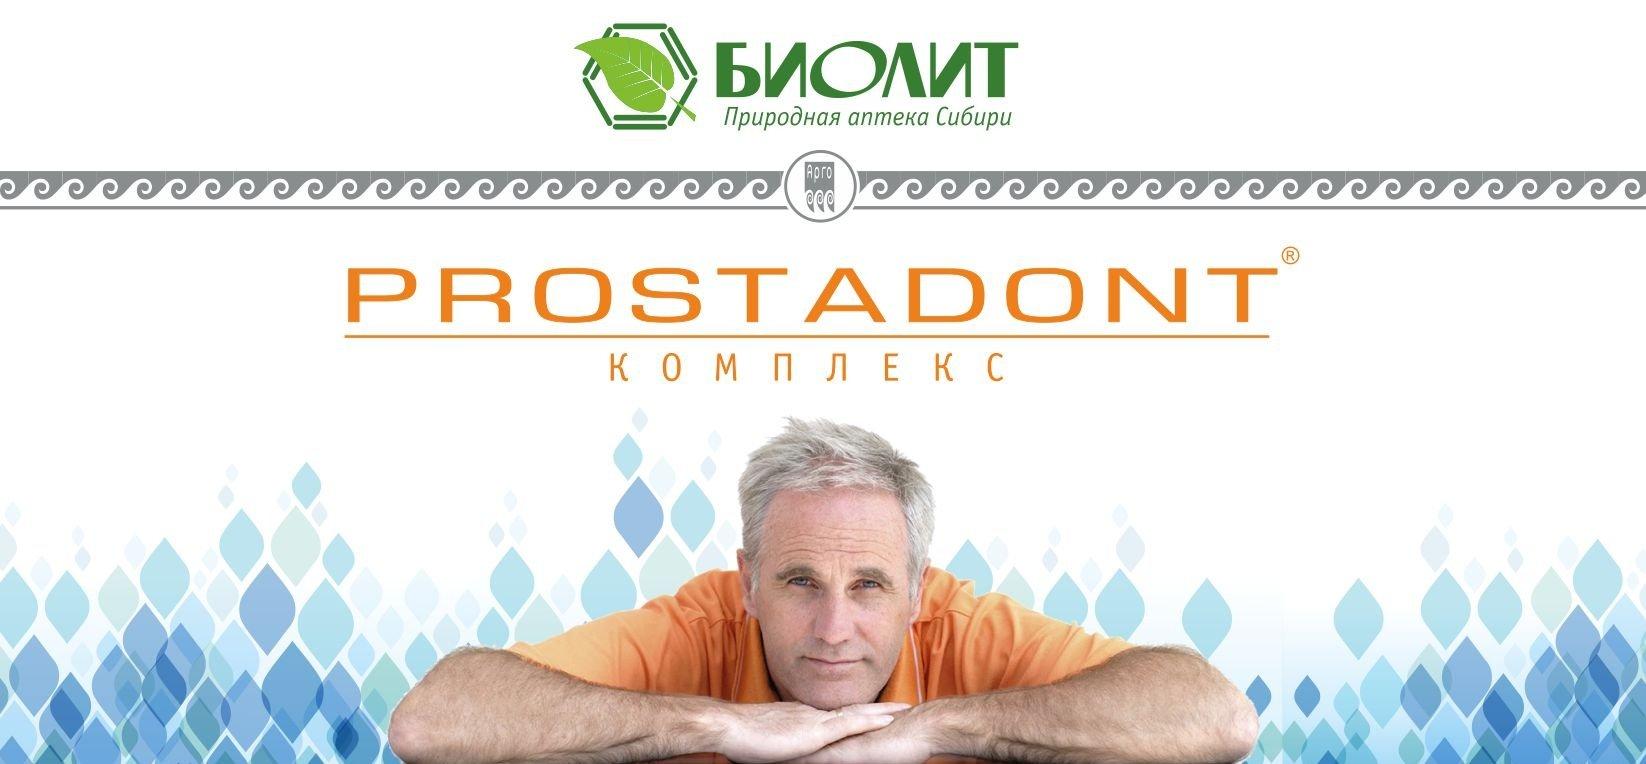 Prostadont Комплекс